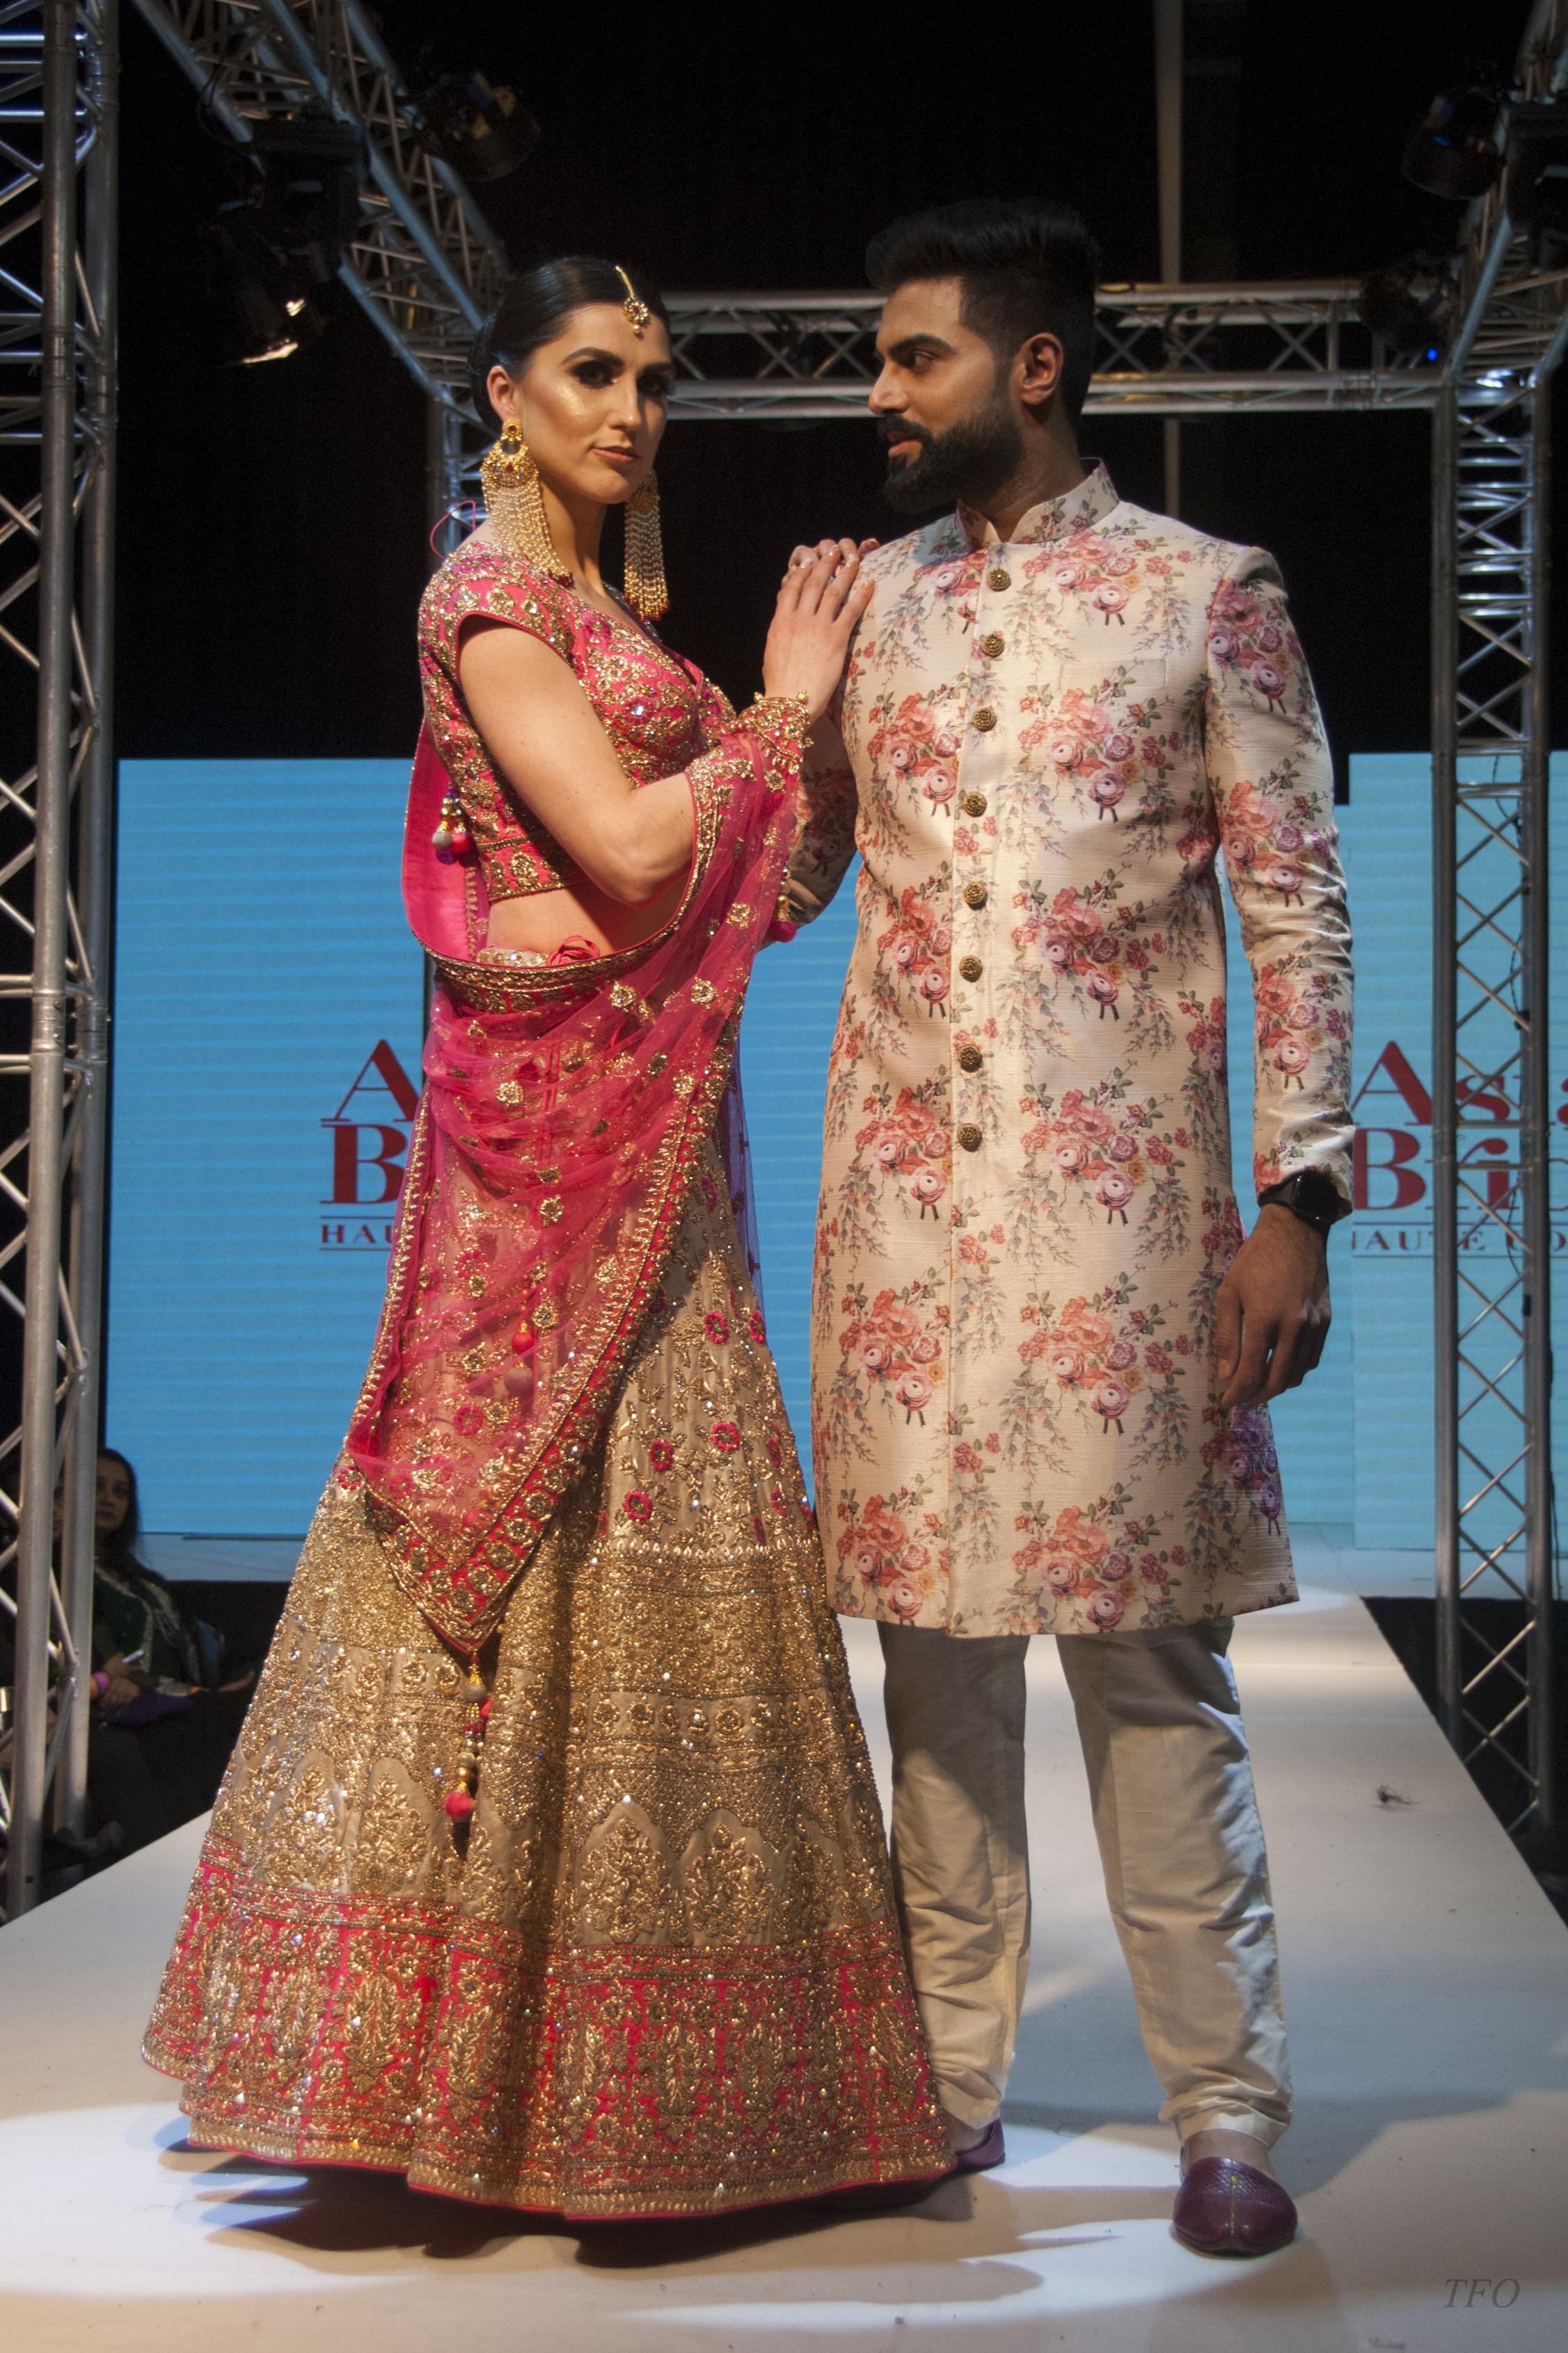 Asian Bridal - Dutch Indian Fashion Week - The Fashion Orientalist